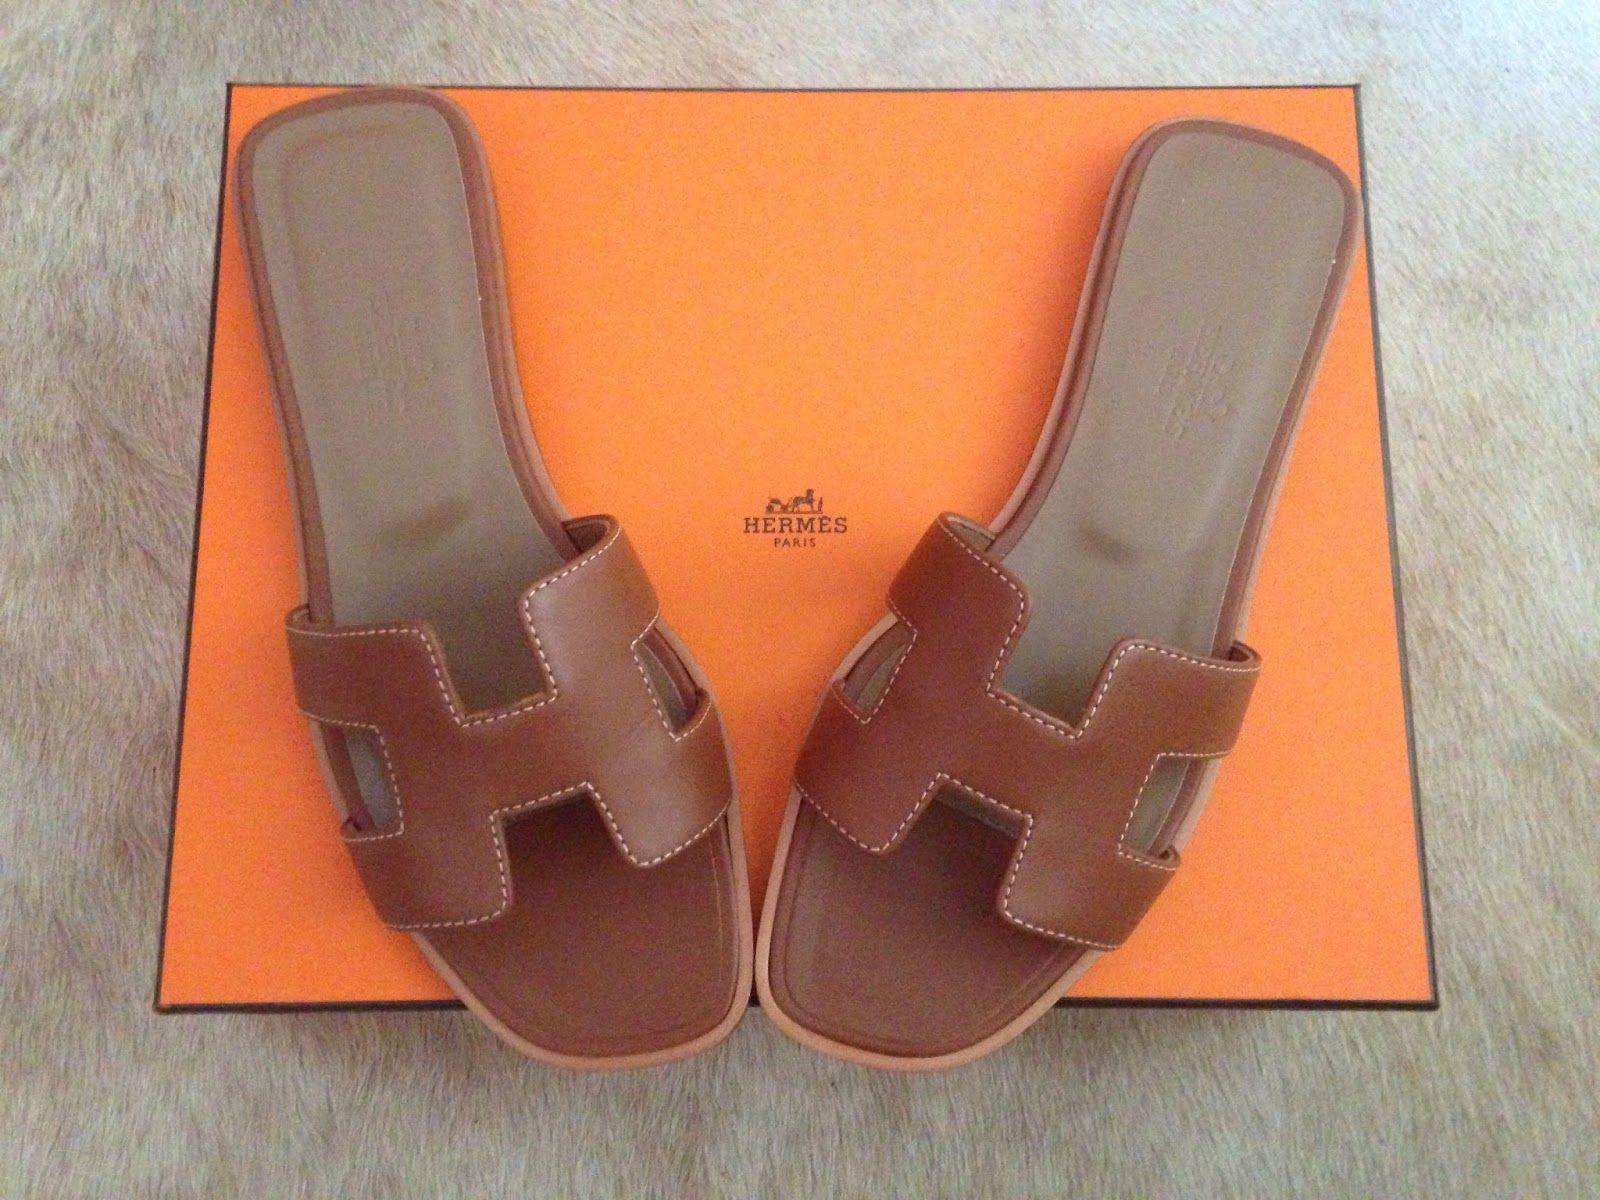 Hermes sandals dance shoes - The Brunette Nomad Hermes Oran Sandals